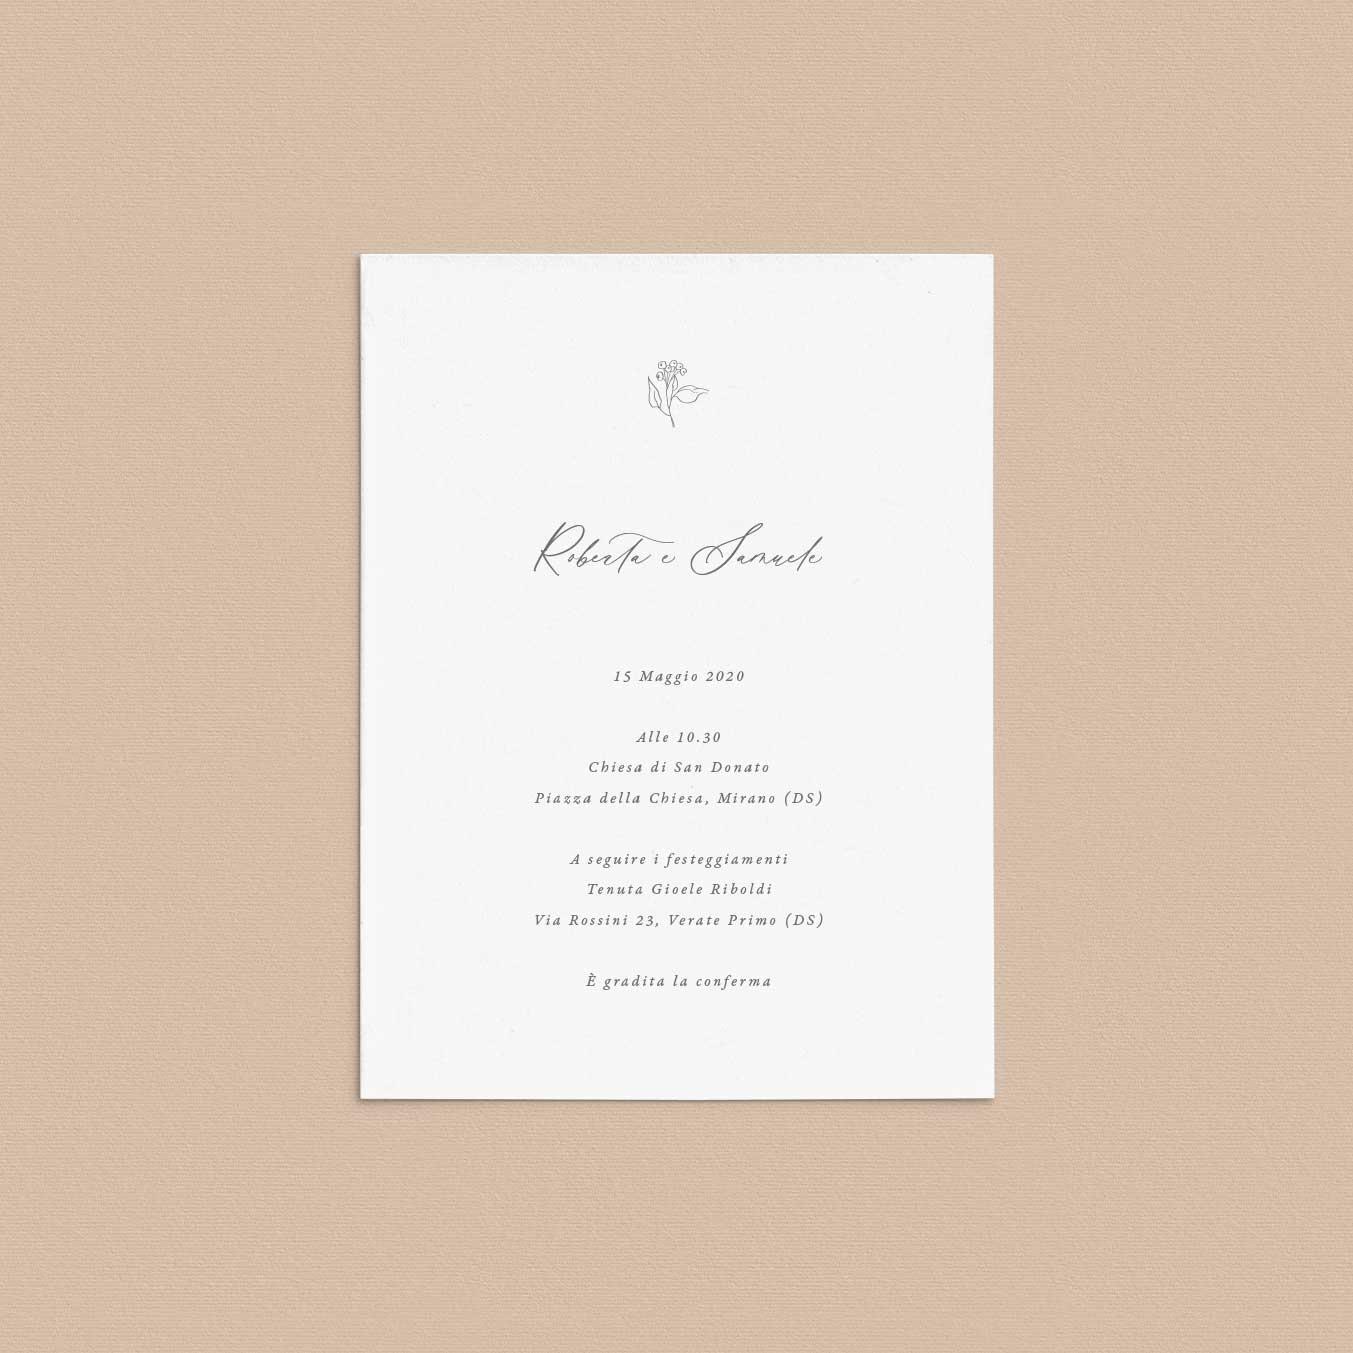 Inviti-matrimonio-partecipazioni-nozze-partecipazione-2020-sposi-catalogo-modelli-fiori-fiore-fiorellini-elegante